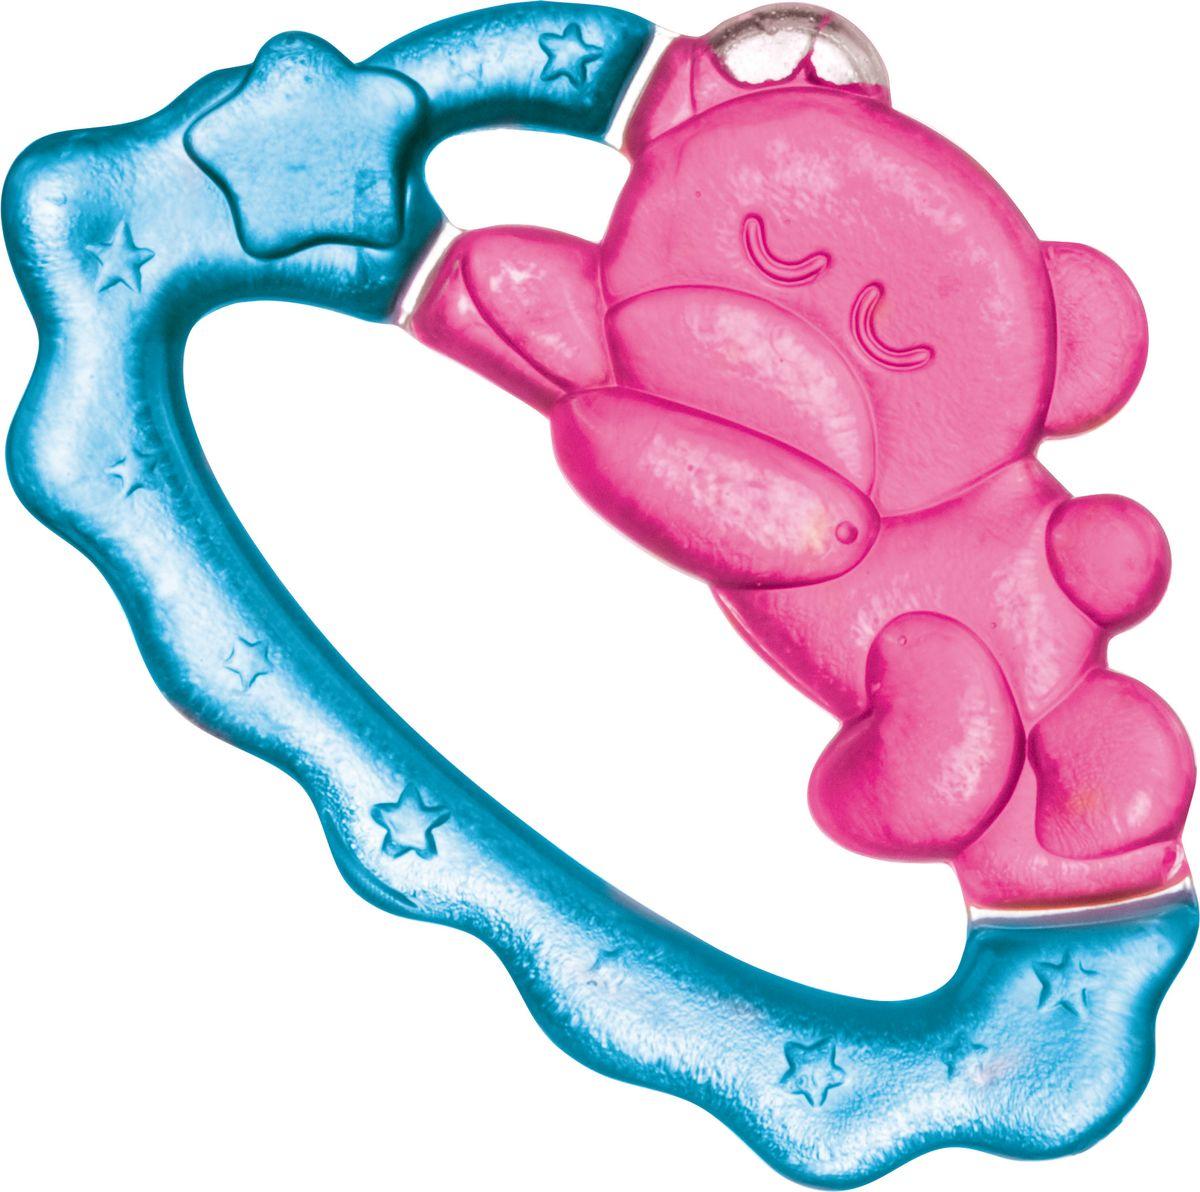 Canpol Babies Прорезыватель охлаждающий Спящий медвежонок цвет розовый прорезыватели canpol охлаждающий спящий медвежонок 2 242